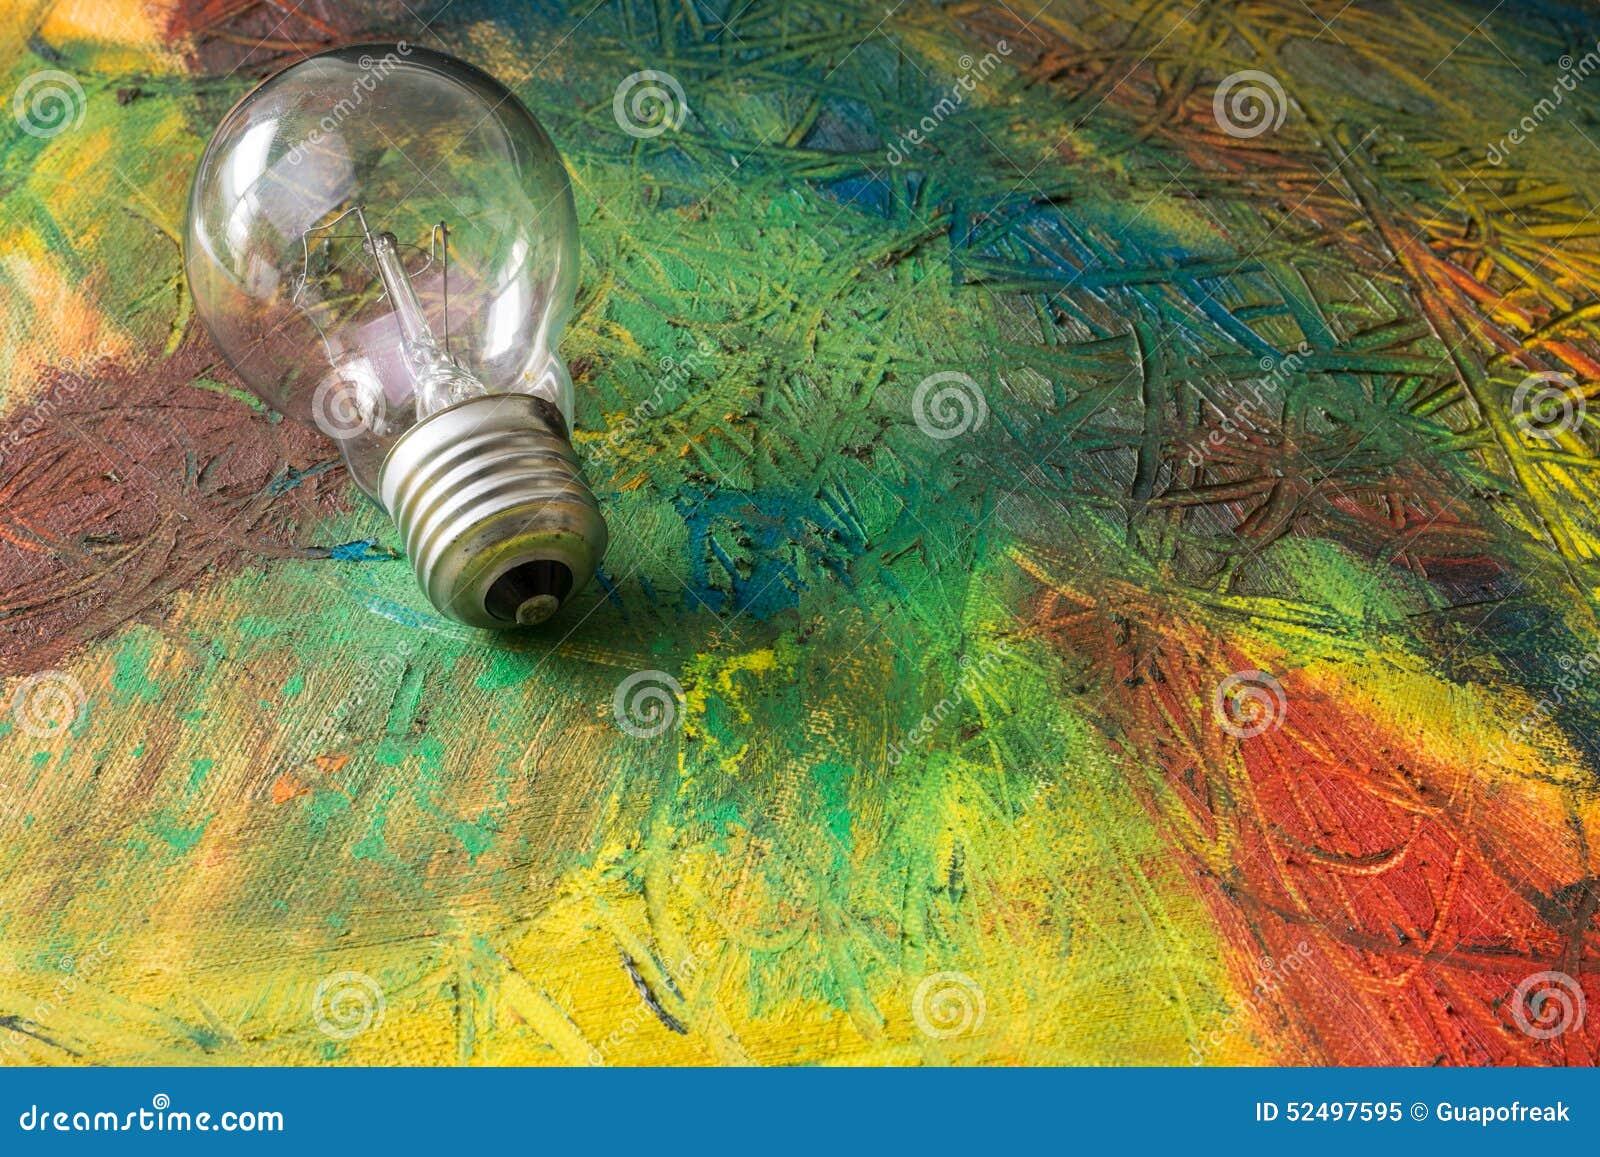 Peinture de r sum avec l 39 ampoule huile de m lange photo - Melange de peinture ...